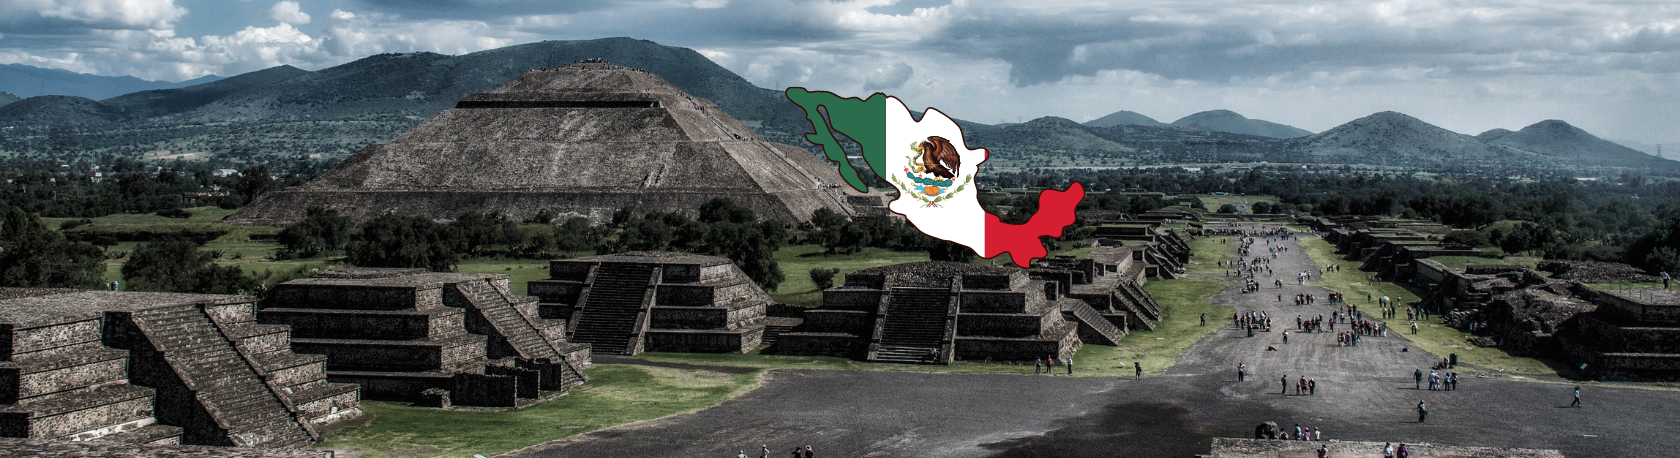 ¿Sabías que la pirámide más grande del mundo está en México? - Easy Español